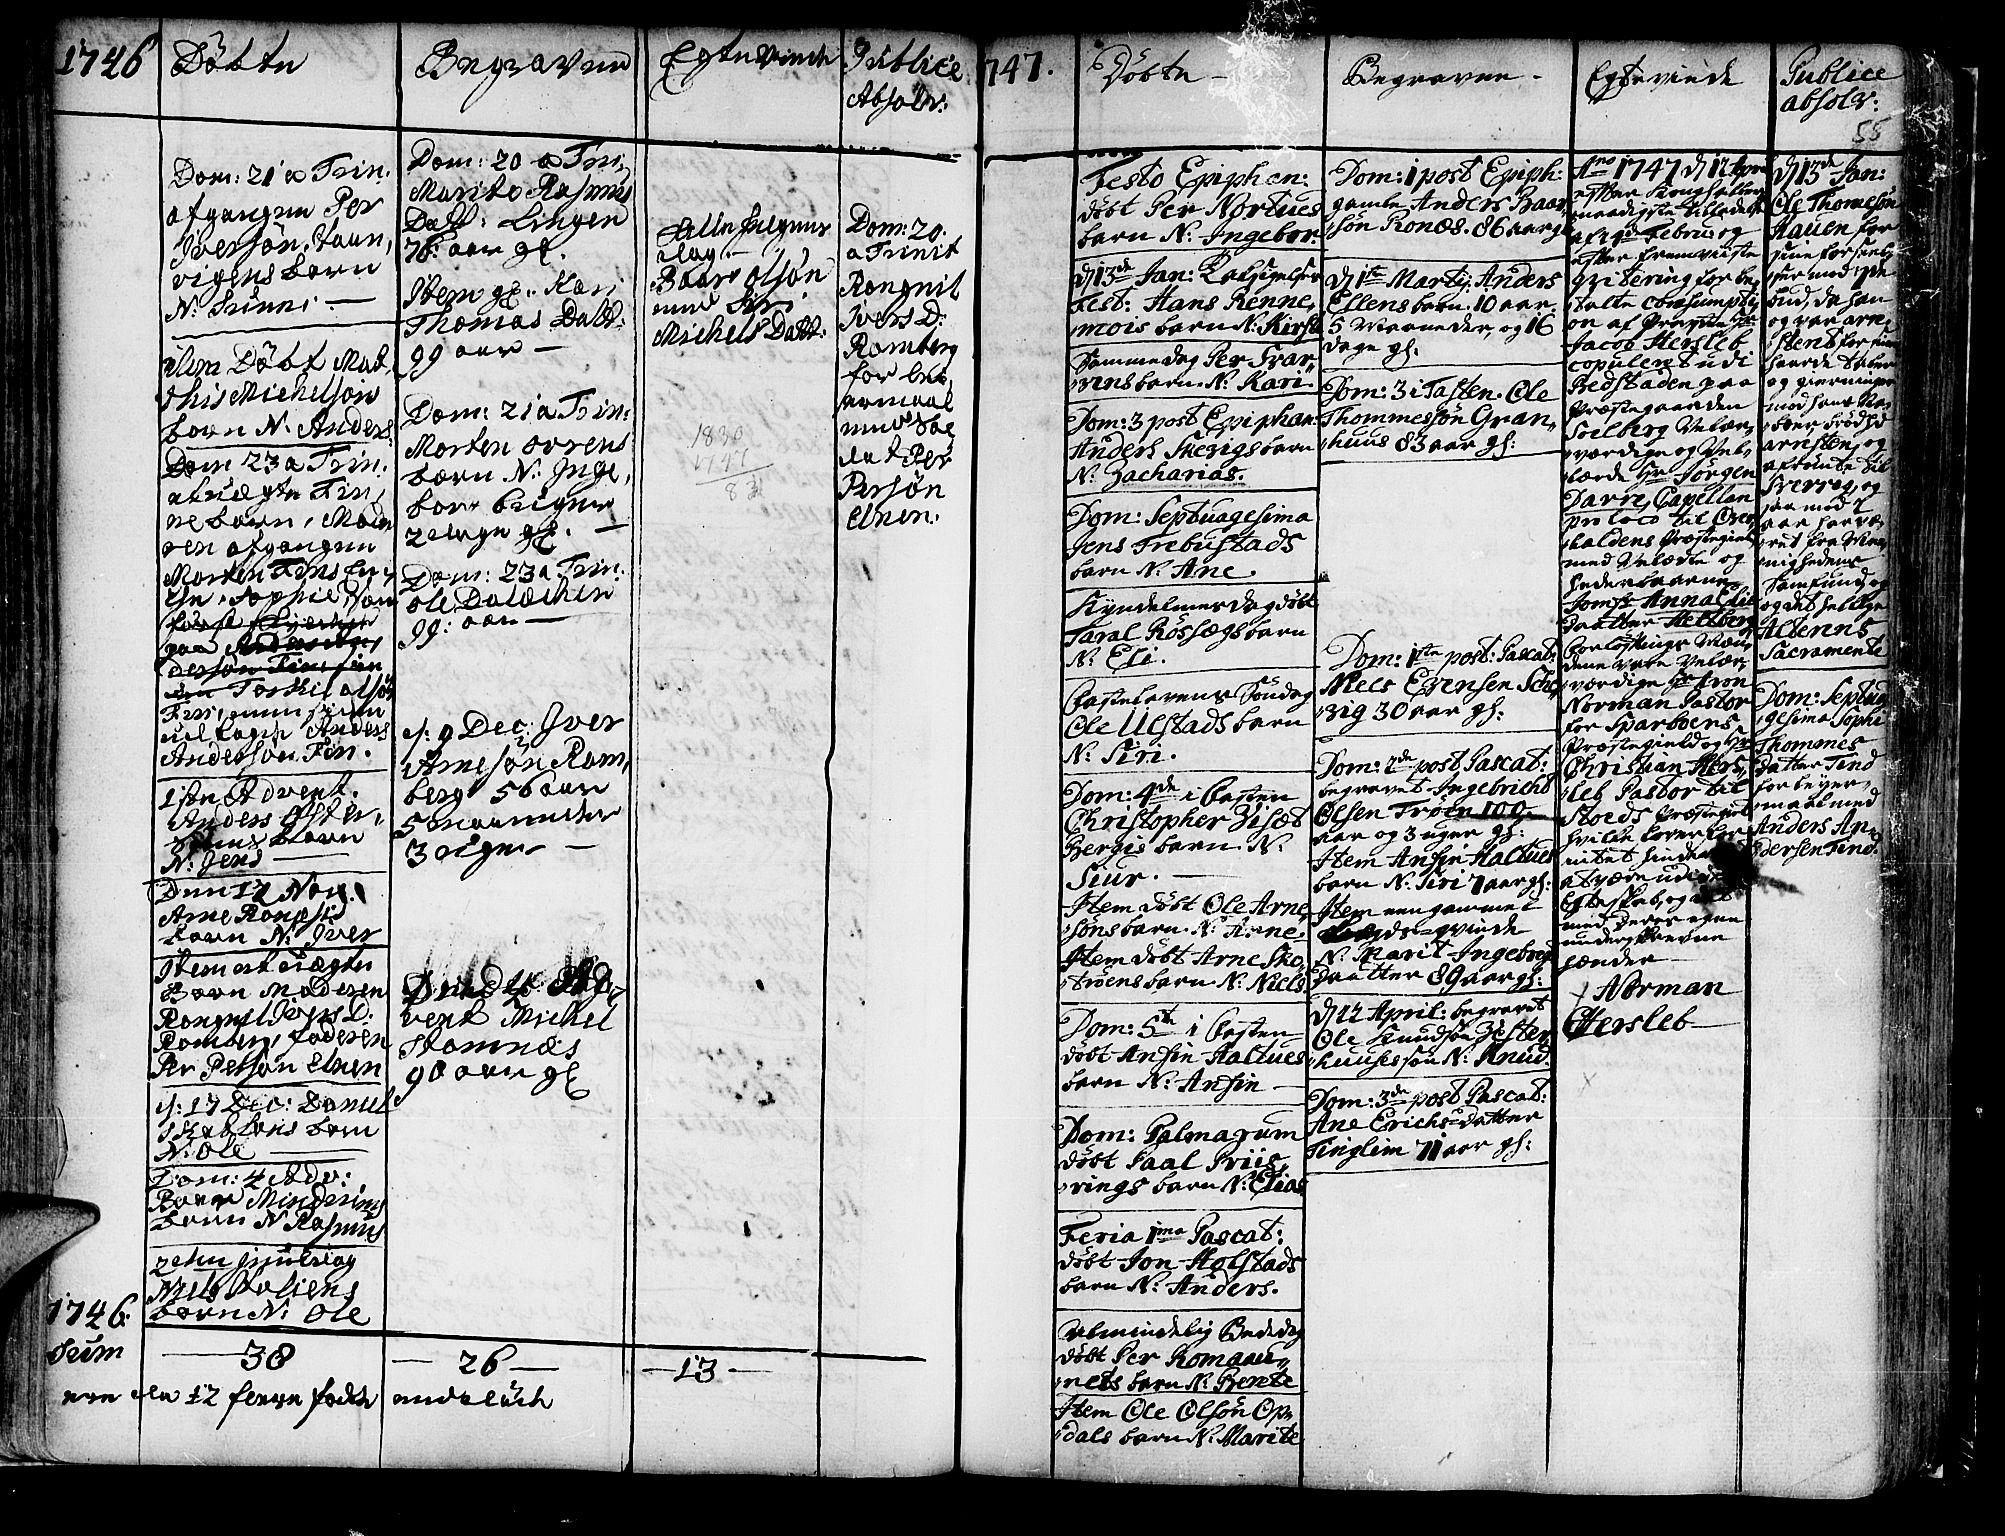 SAT, Ministerialprotokoller, klokkerbøker og fødselsregistre - Nord-Trøndelag, 741/L0385: Ministerialbok nr. 741A01, 1722-1815, s. 55